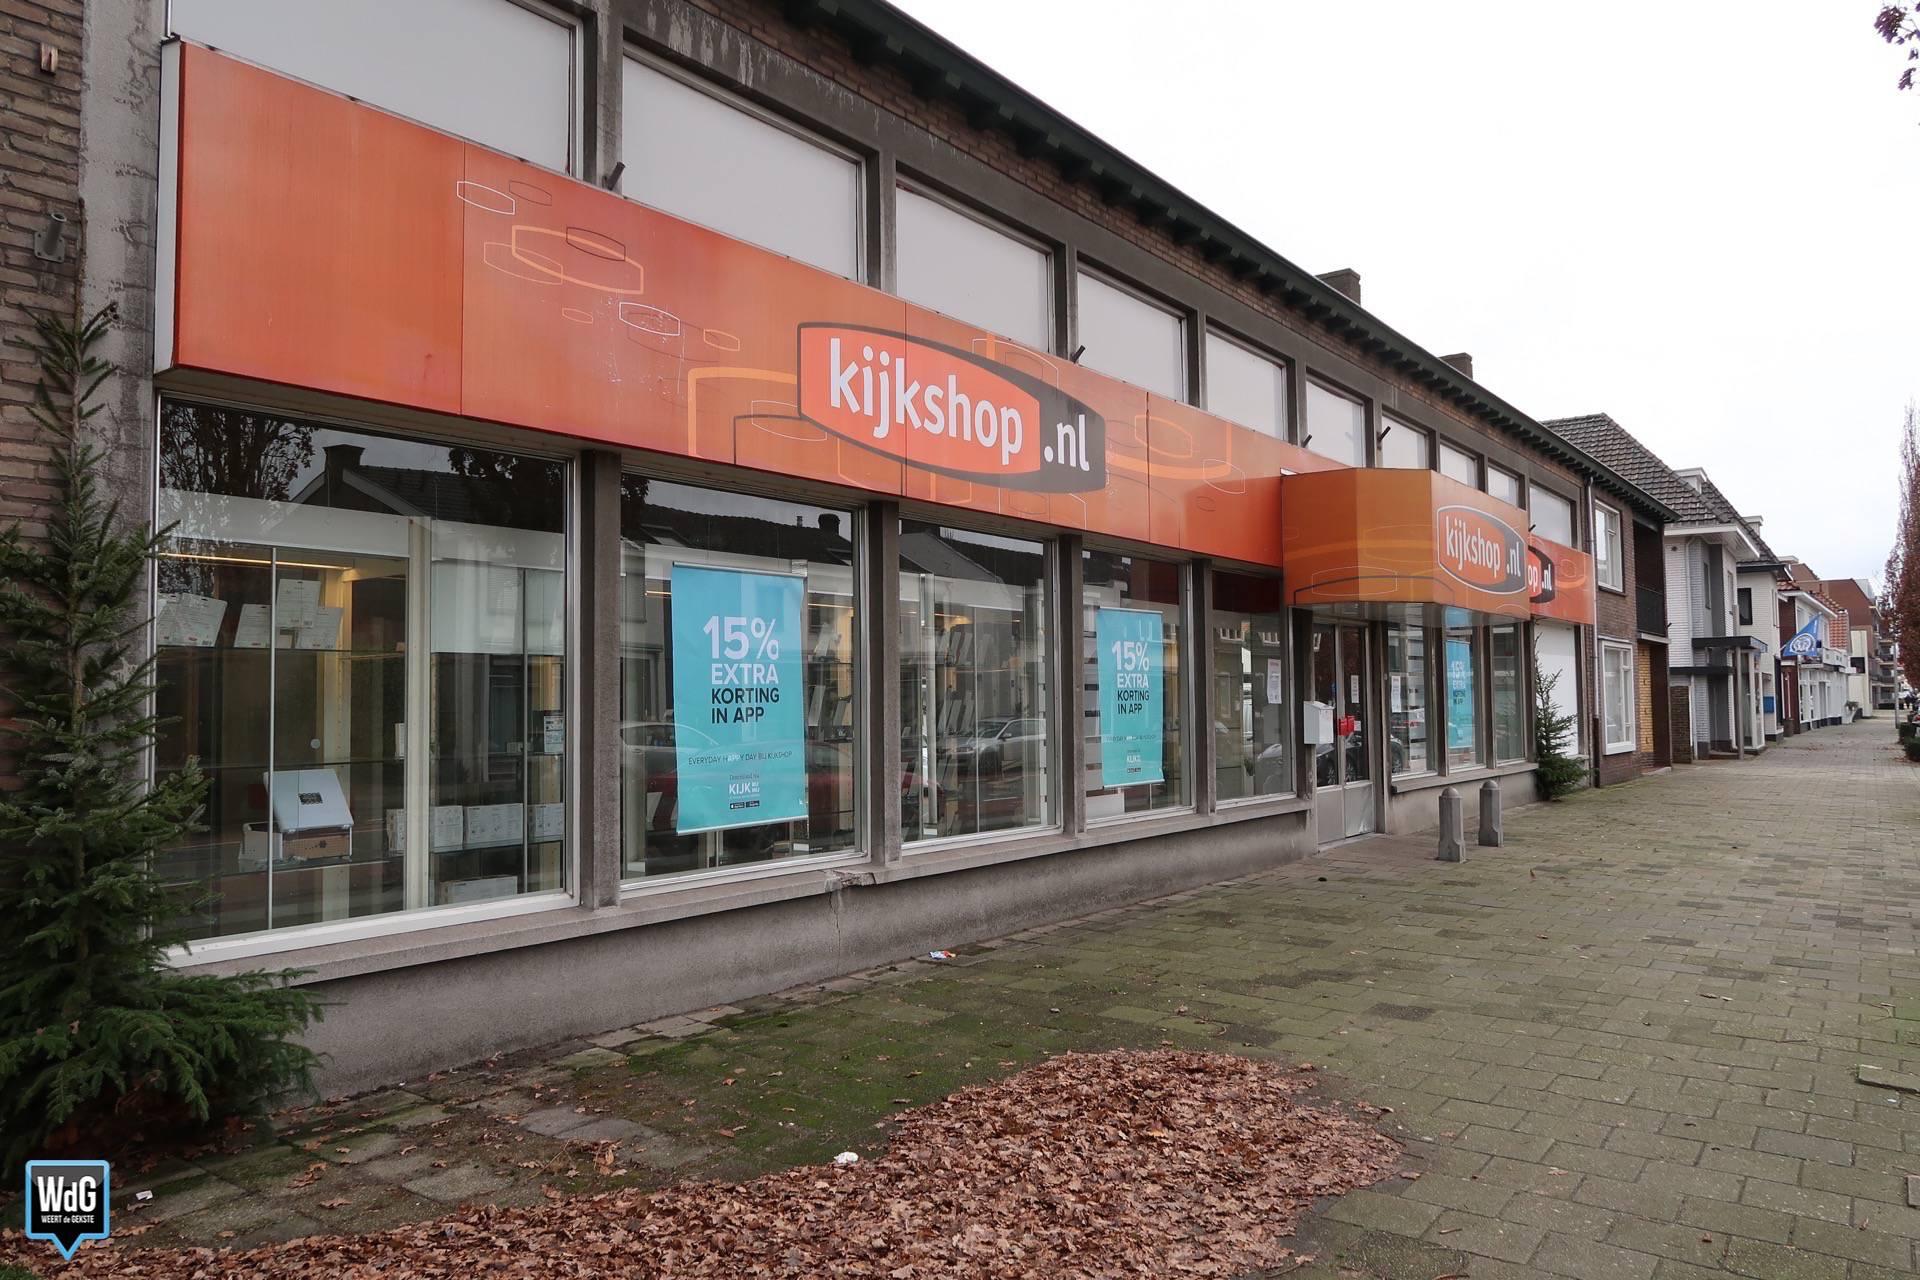 www kijkshop nl 40 jaar Kijkshop sluit winkel in Weert www kijkshop nl 40 jaar